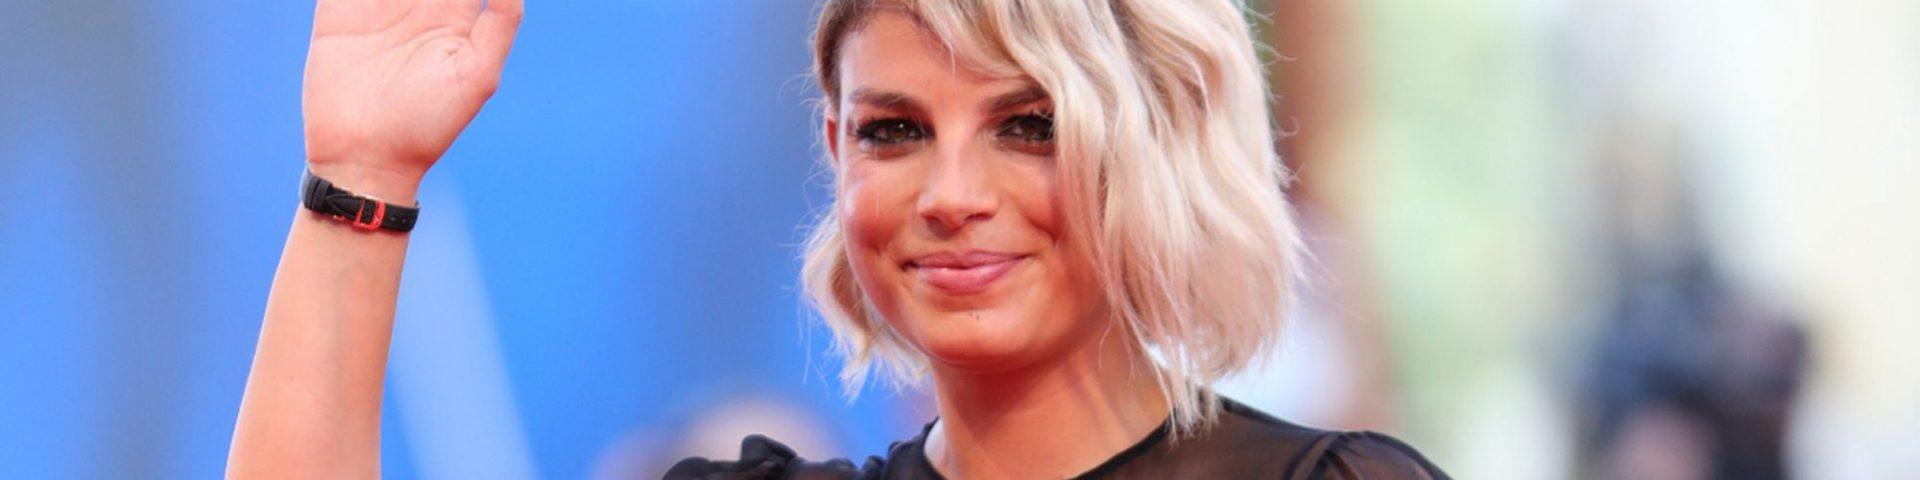 """Emma Marrone: da venerdì 6 dicembre in radio """"Stupida allegria"""", il nuovo singolo"""